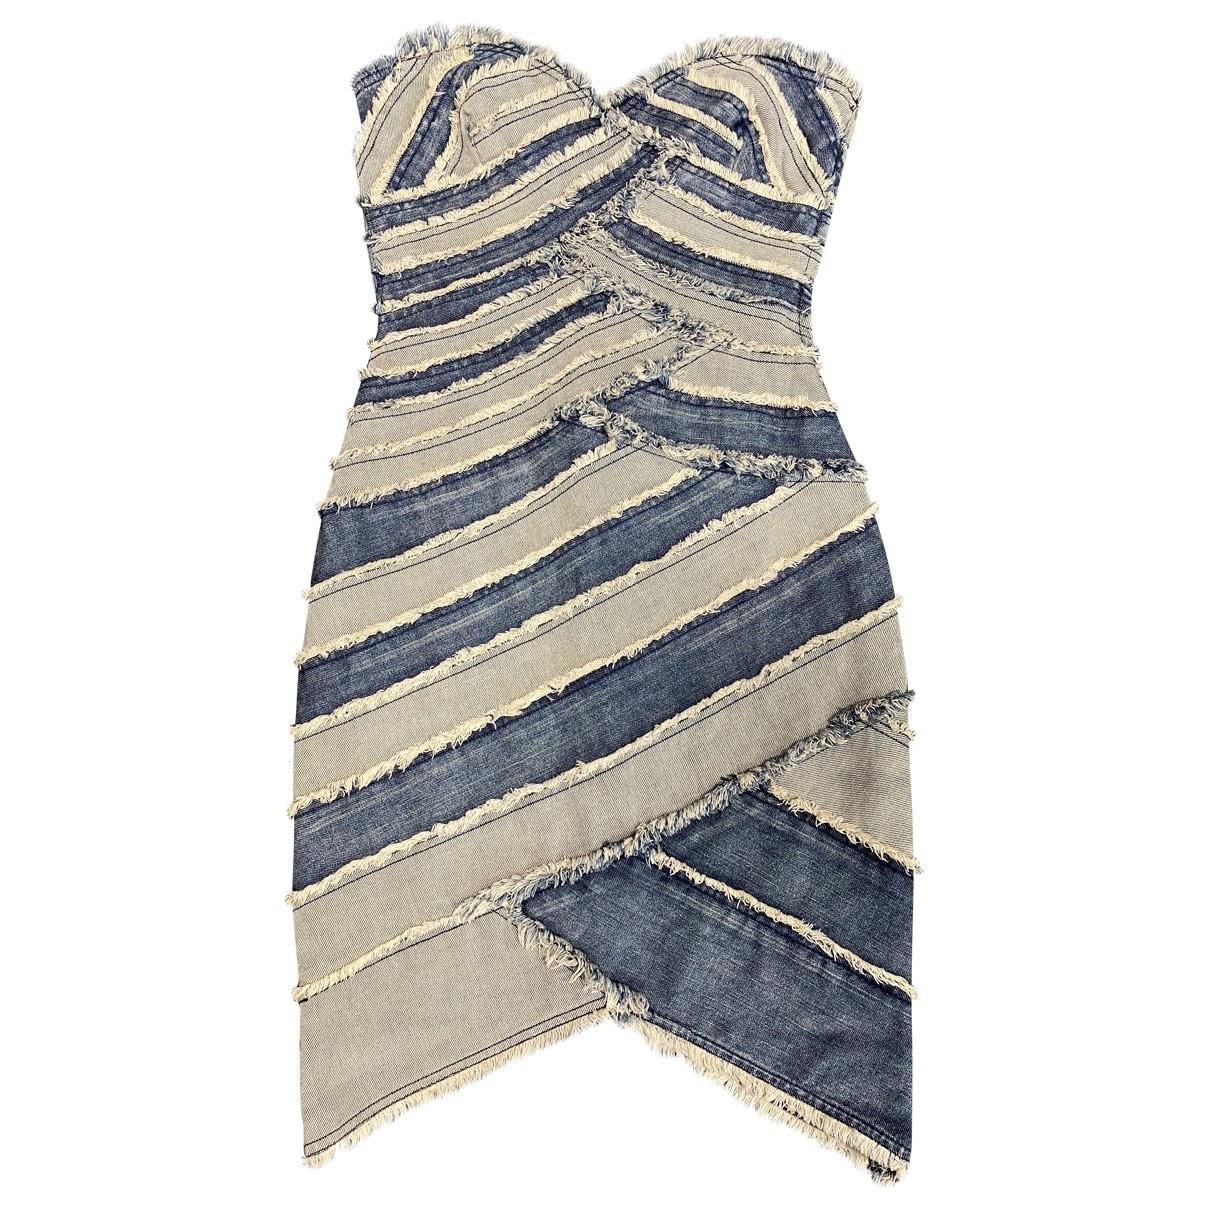 Trussardi Jeans \N Kleid in  Blau Denim - Jeans